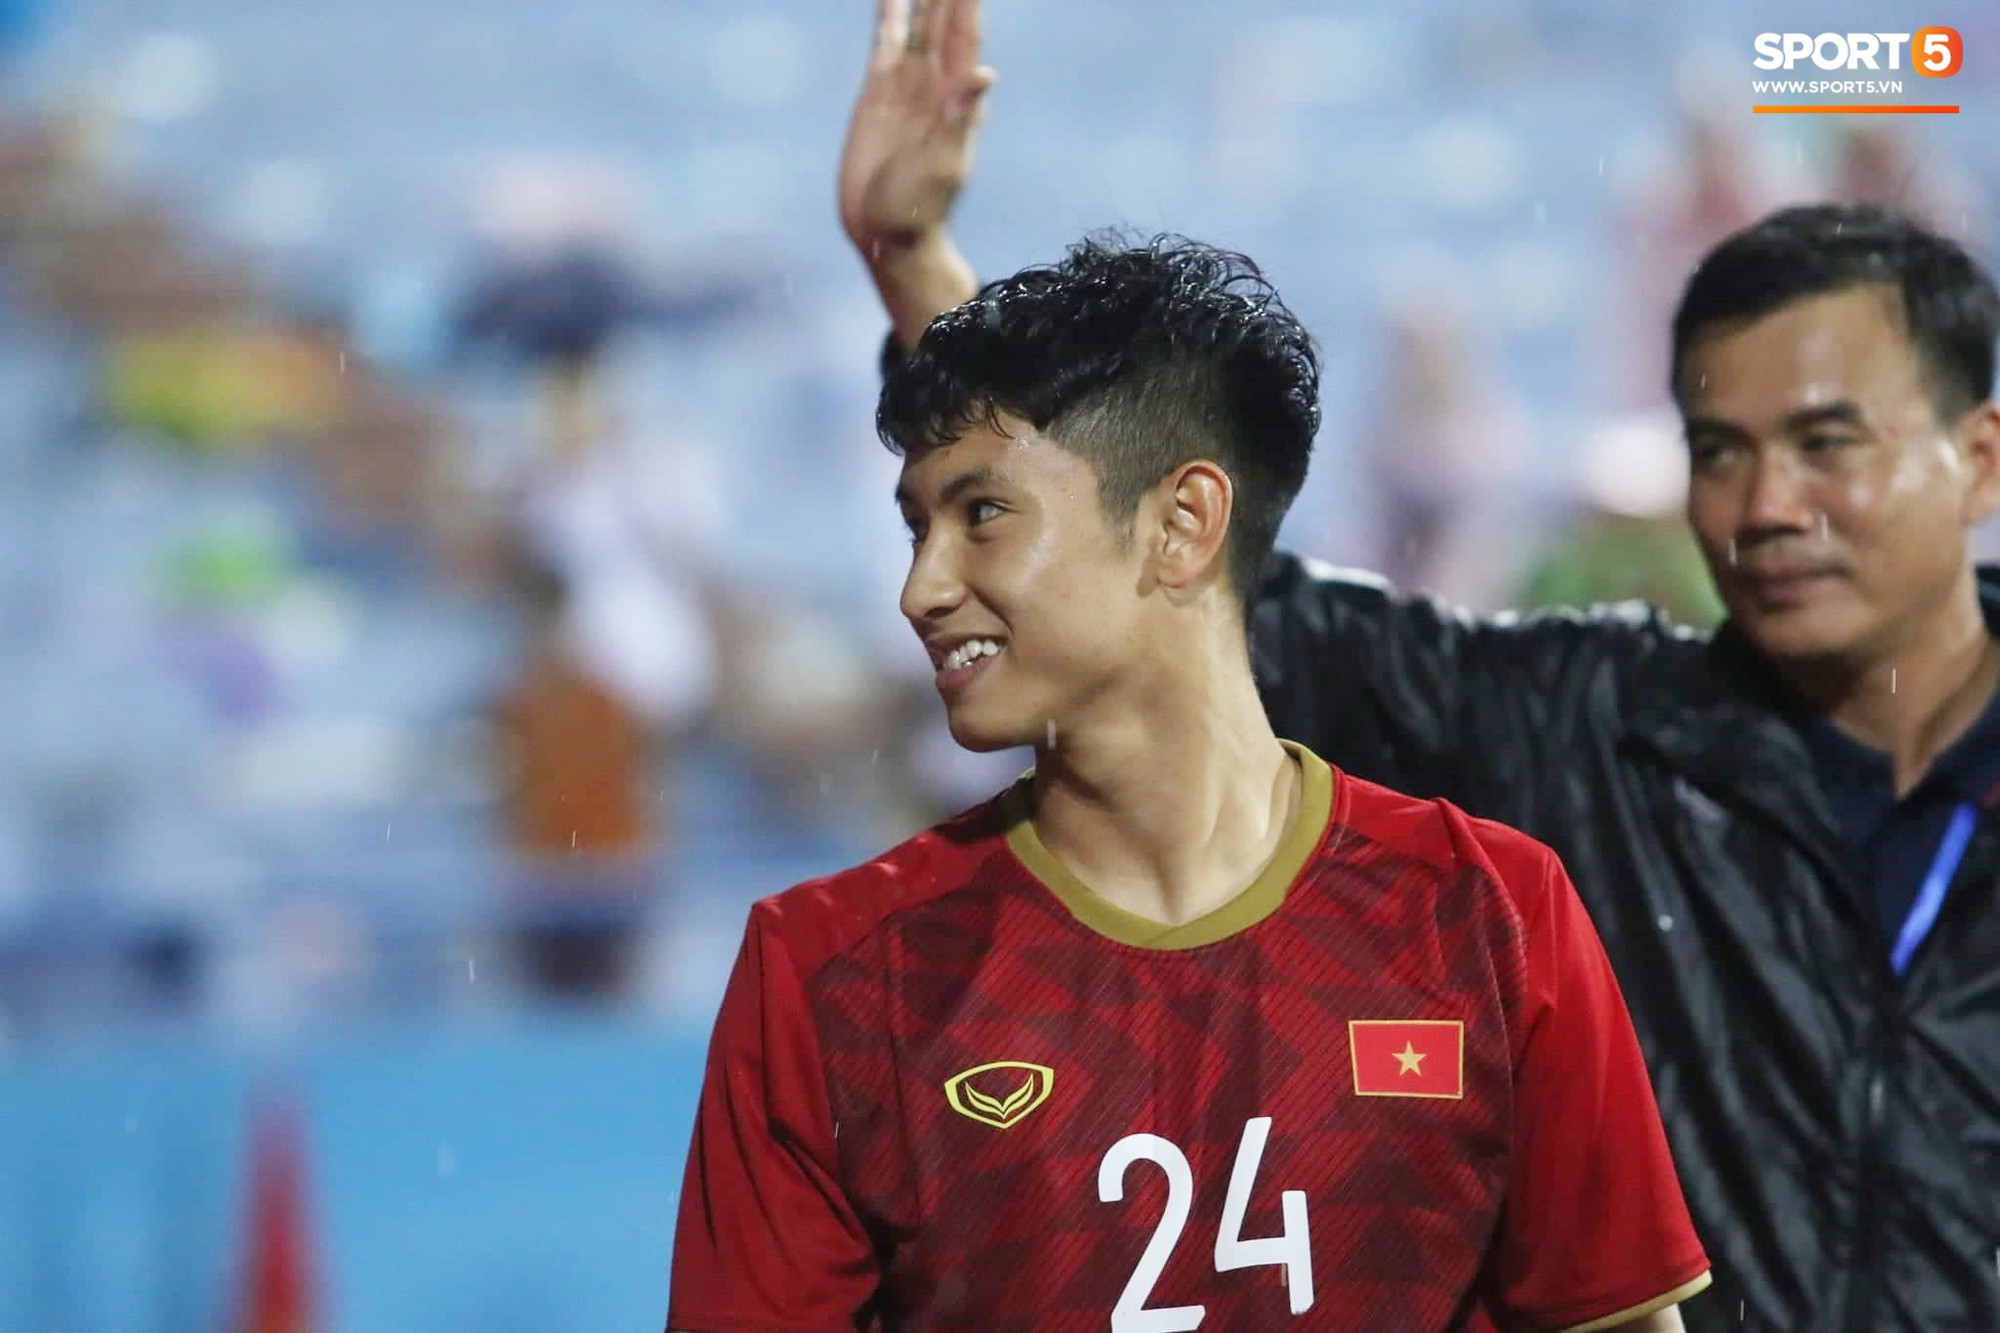 Hình ảnh cảm động: U23 Việt Nam đội mưa đi khắp khán đài cảm ơn người hâm mộ sau trận thắng U23 Myanmar-9